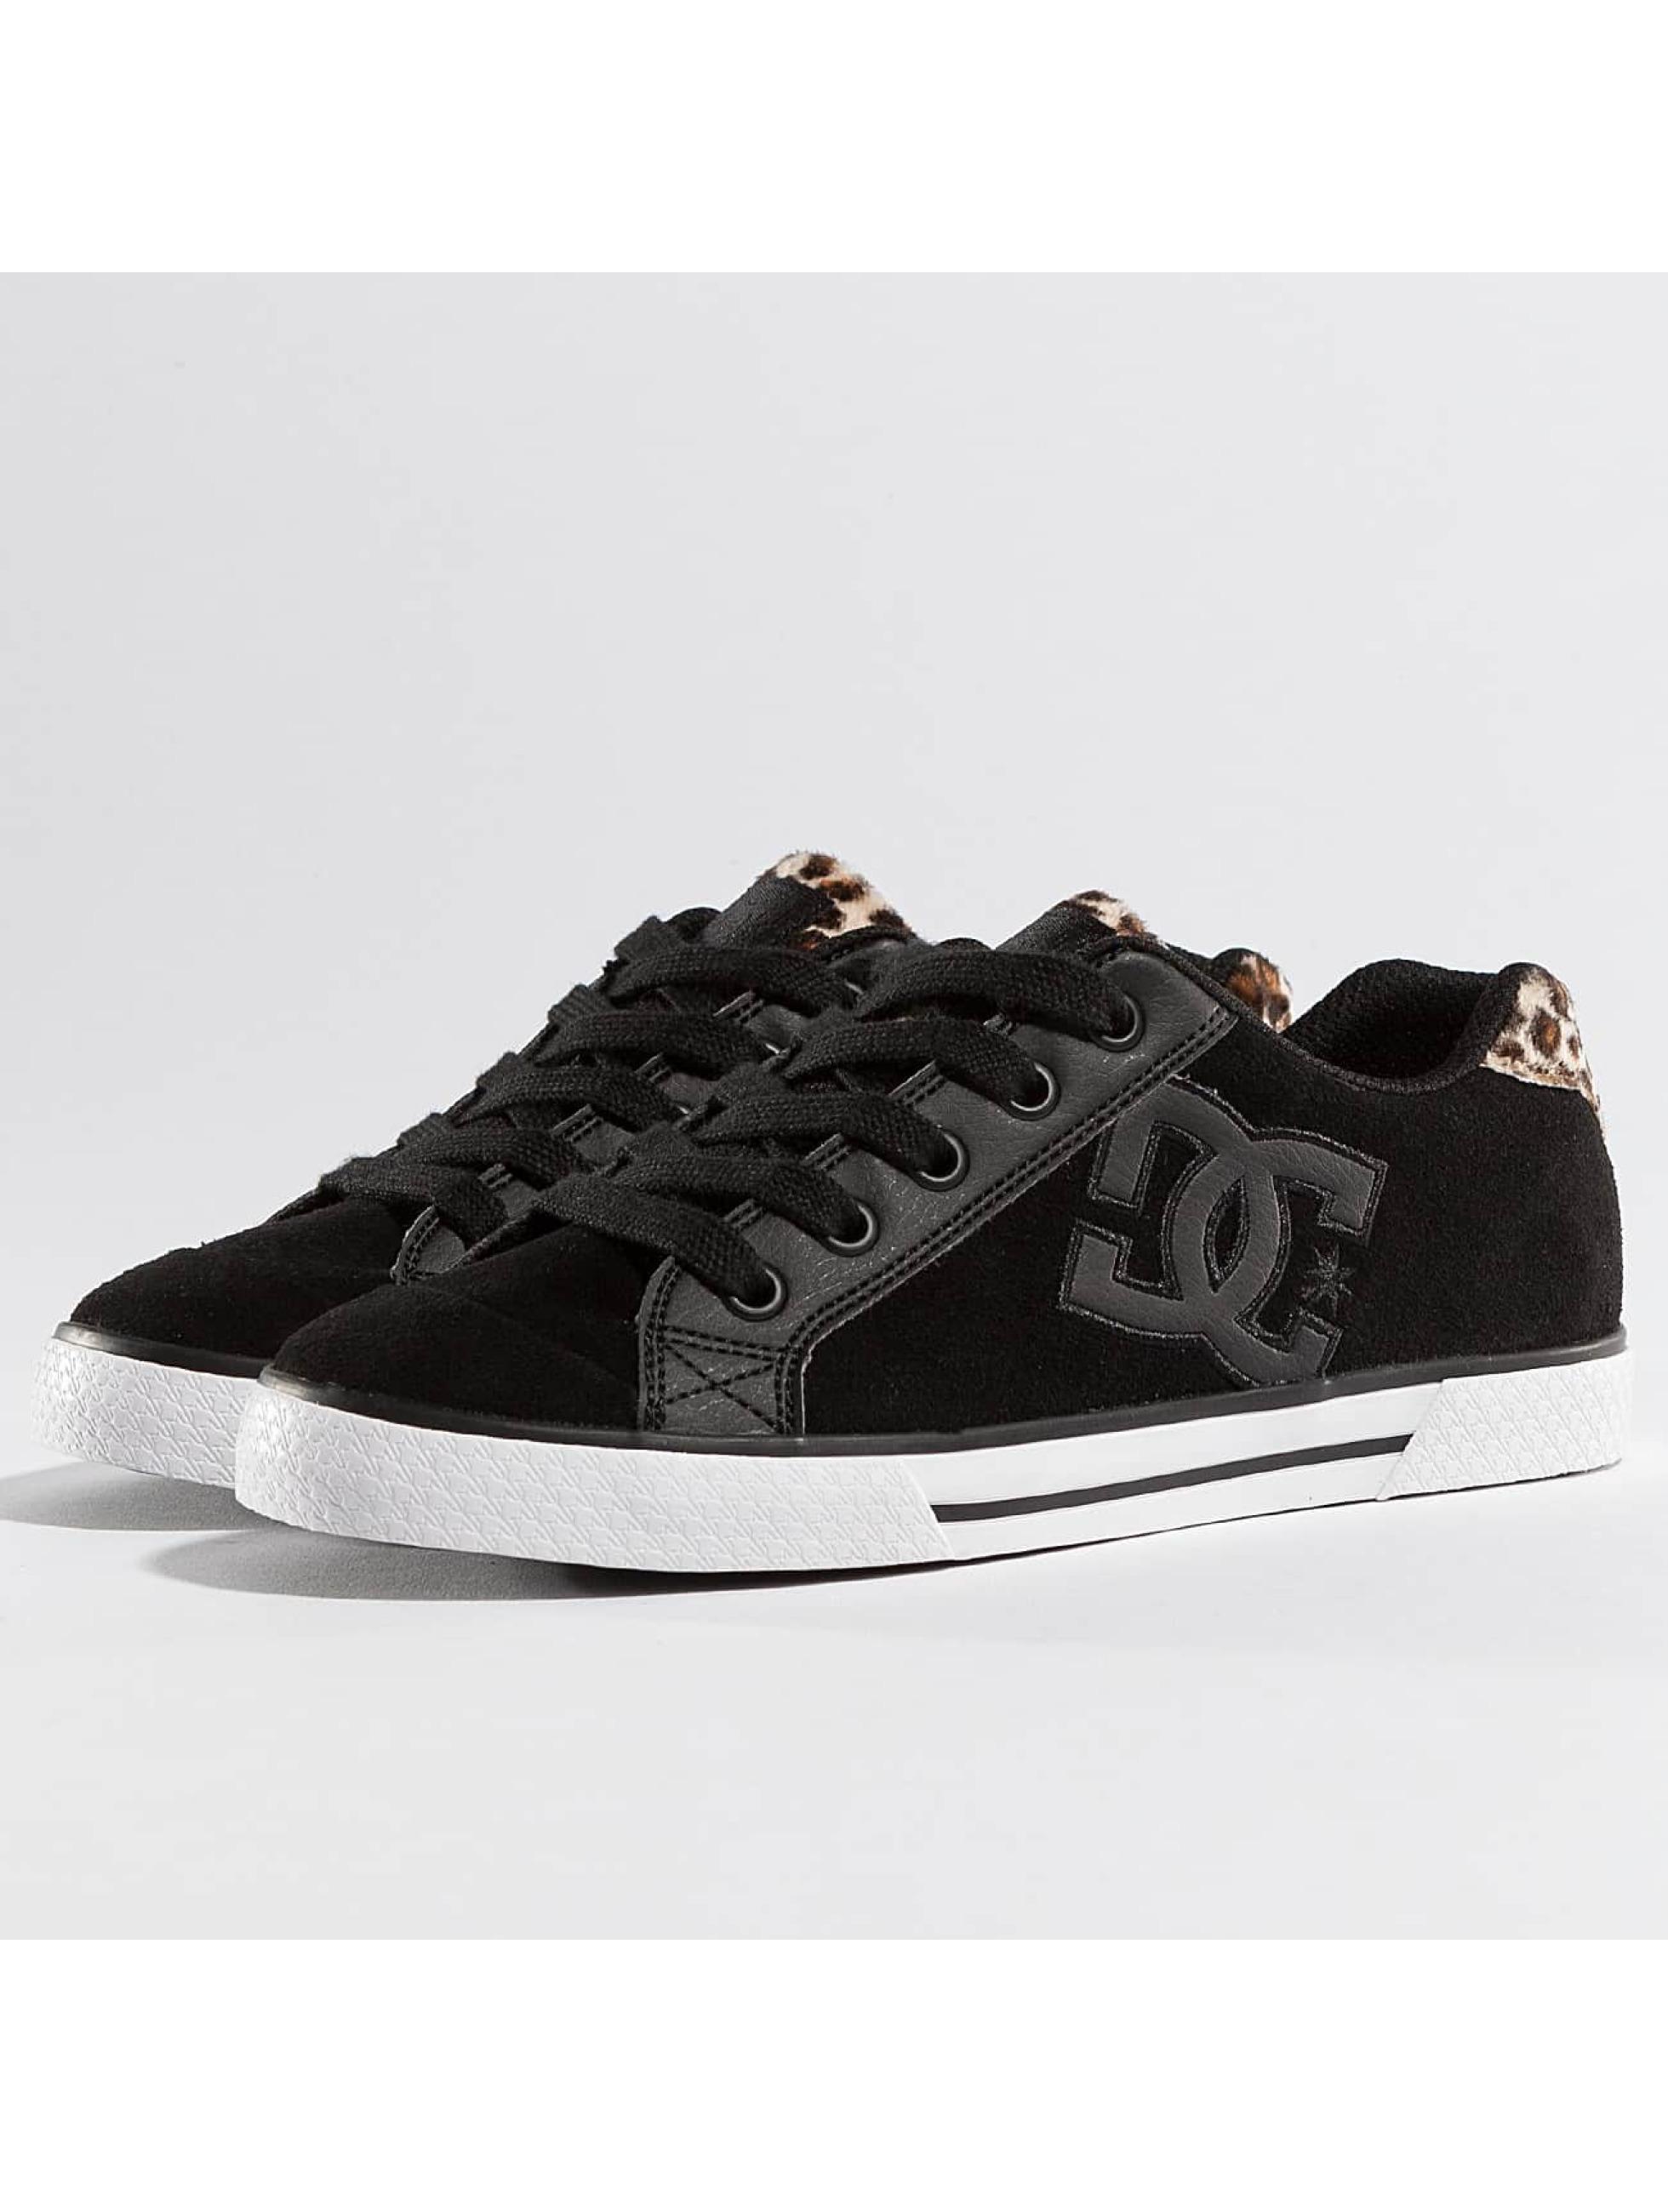 Chaussures Dc Shoes Noir Chelsea Pour Un 37 Pour Les Femmes VtBsWr